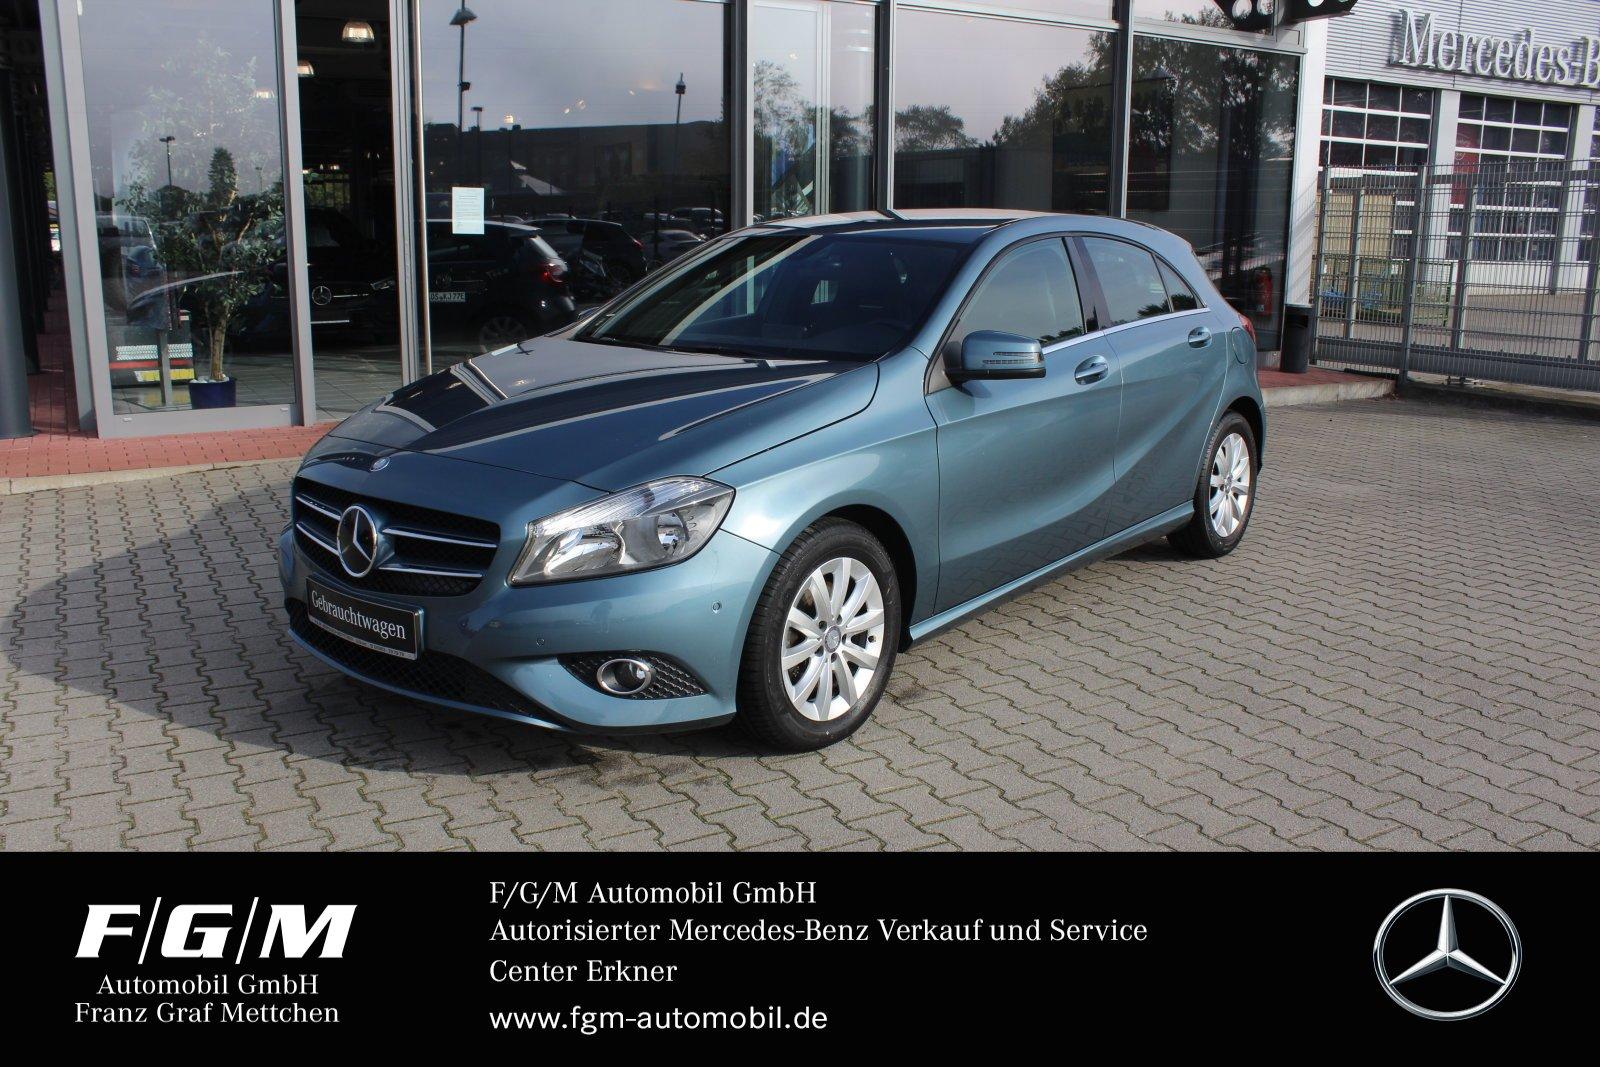 Mercedes-Benz A 180 Style Klima/Parktronic/Sitzheizung R-CD, Jahr 2013, Benzin